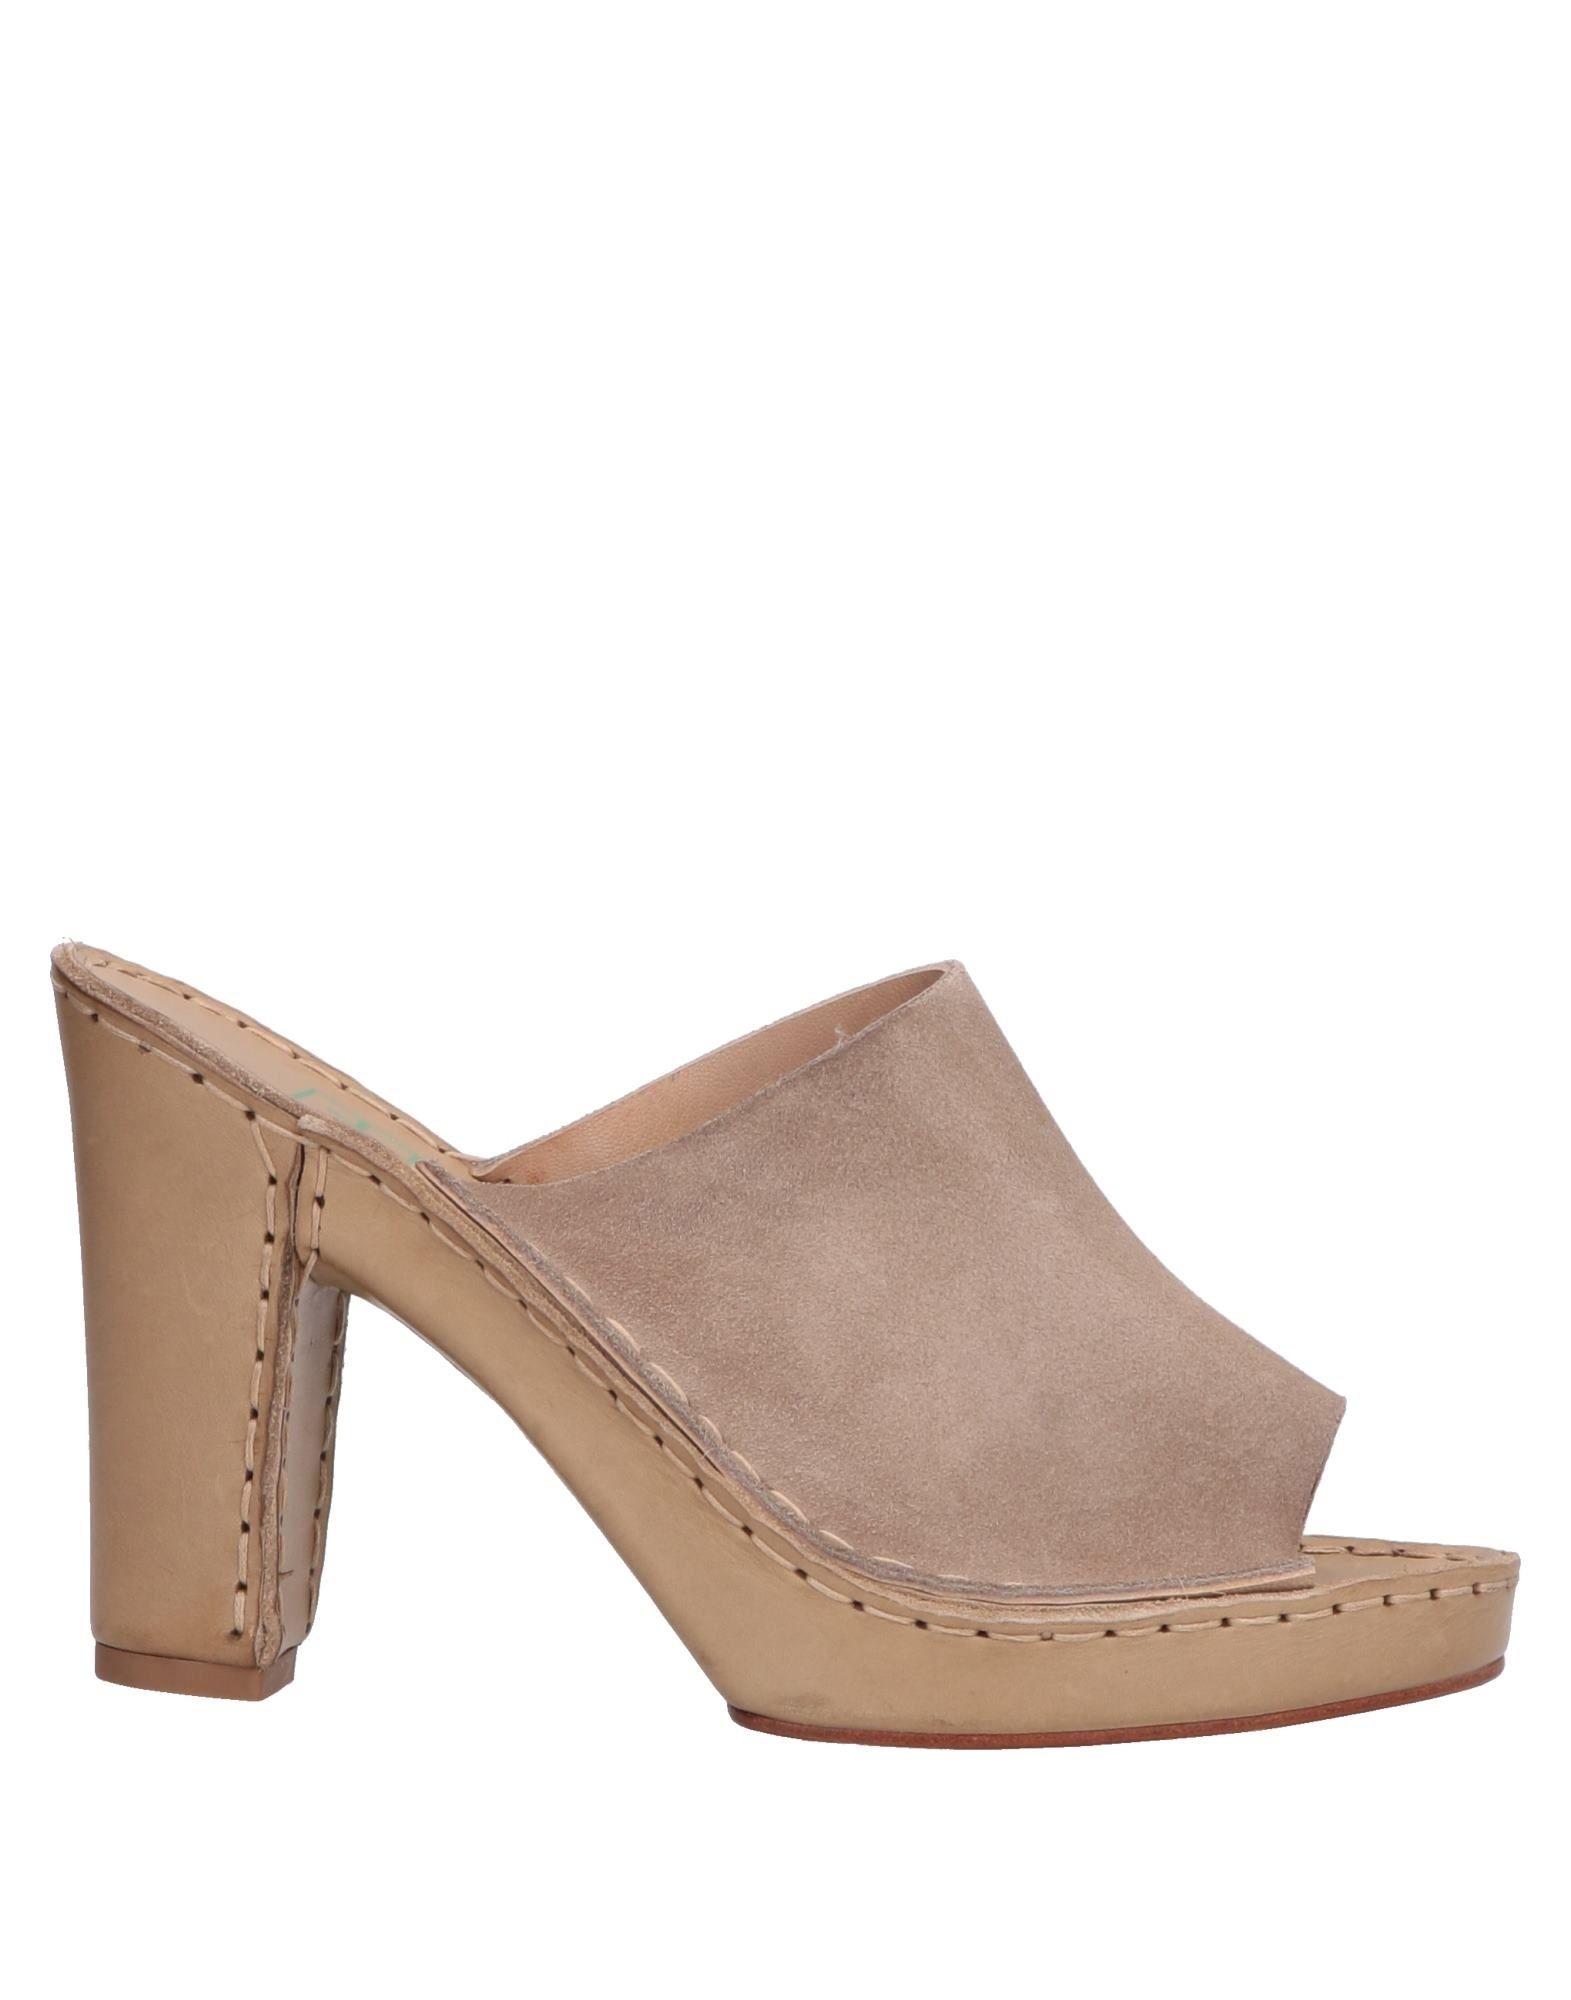 Qsp+ Quelques Shoes De Plus Mules Shoes - Women Qsp+ Quelques Shoes Mules De Plus Mules online on  Canada - 11560414RL 6e11cb